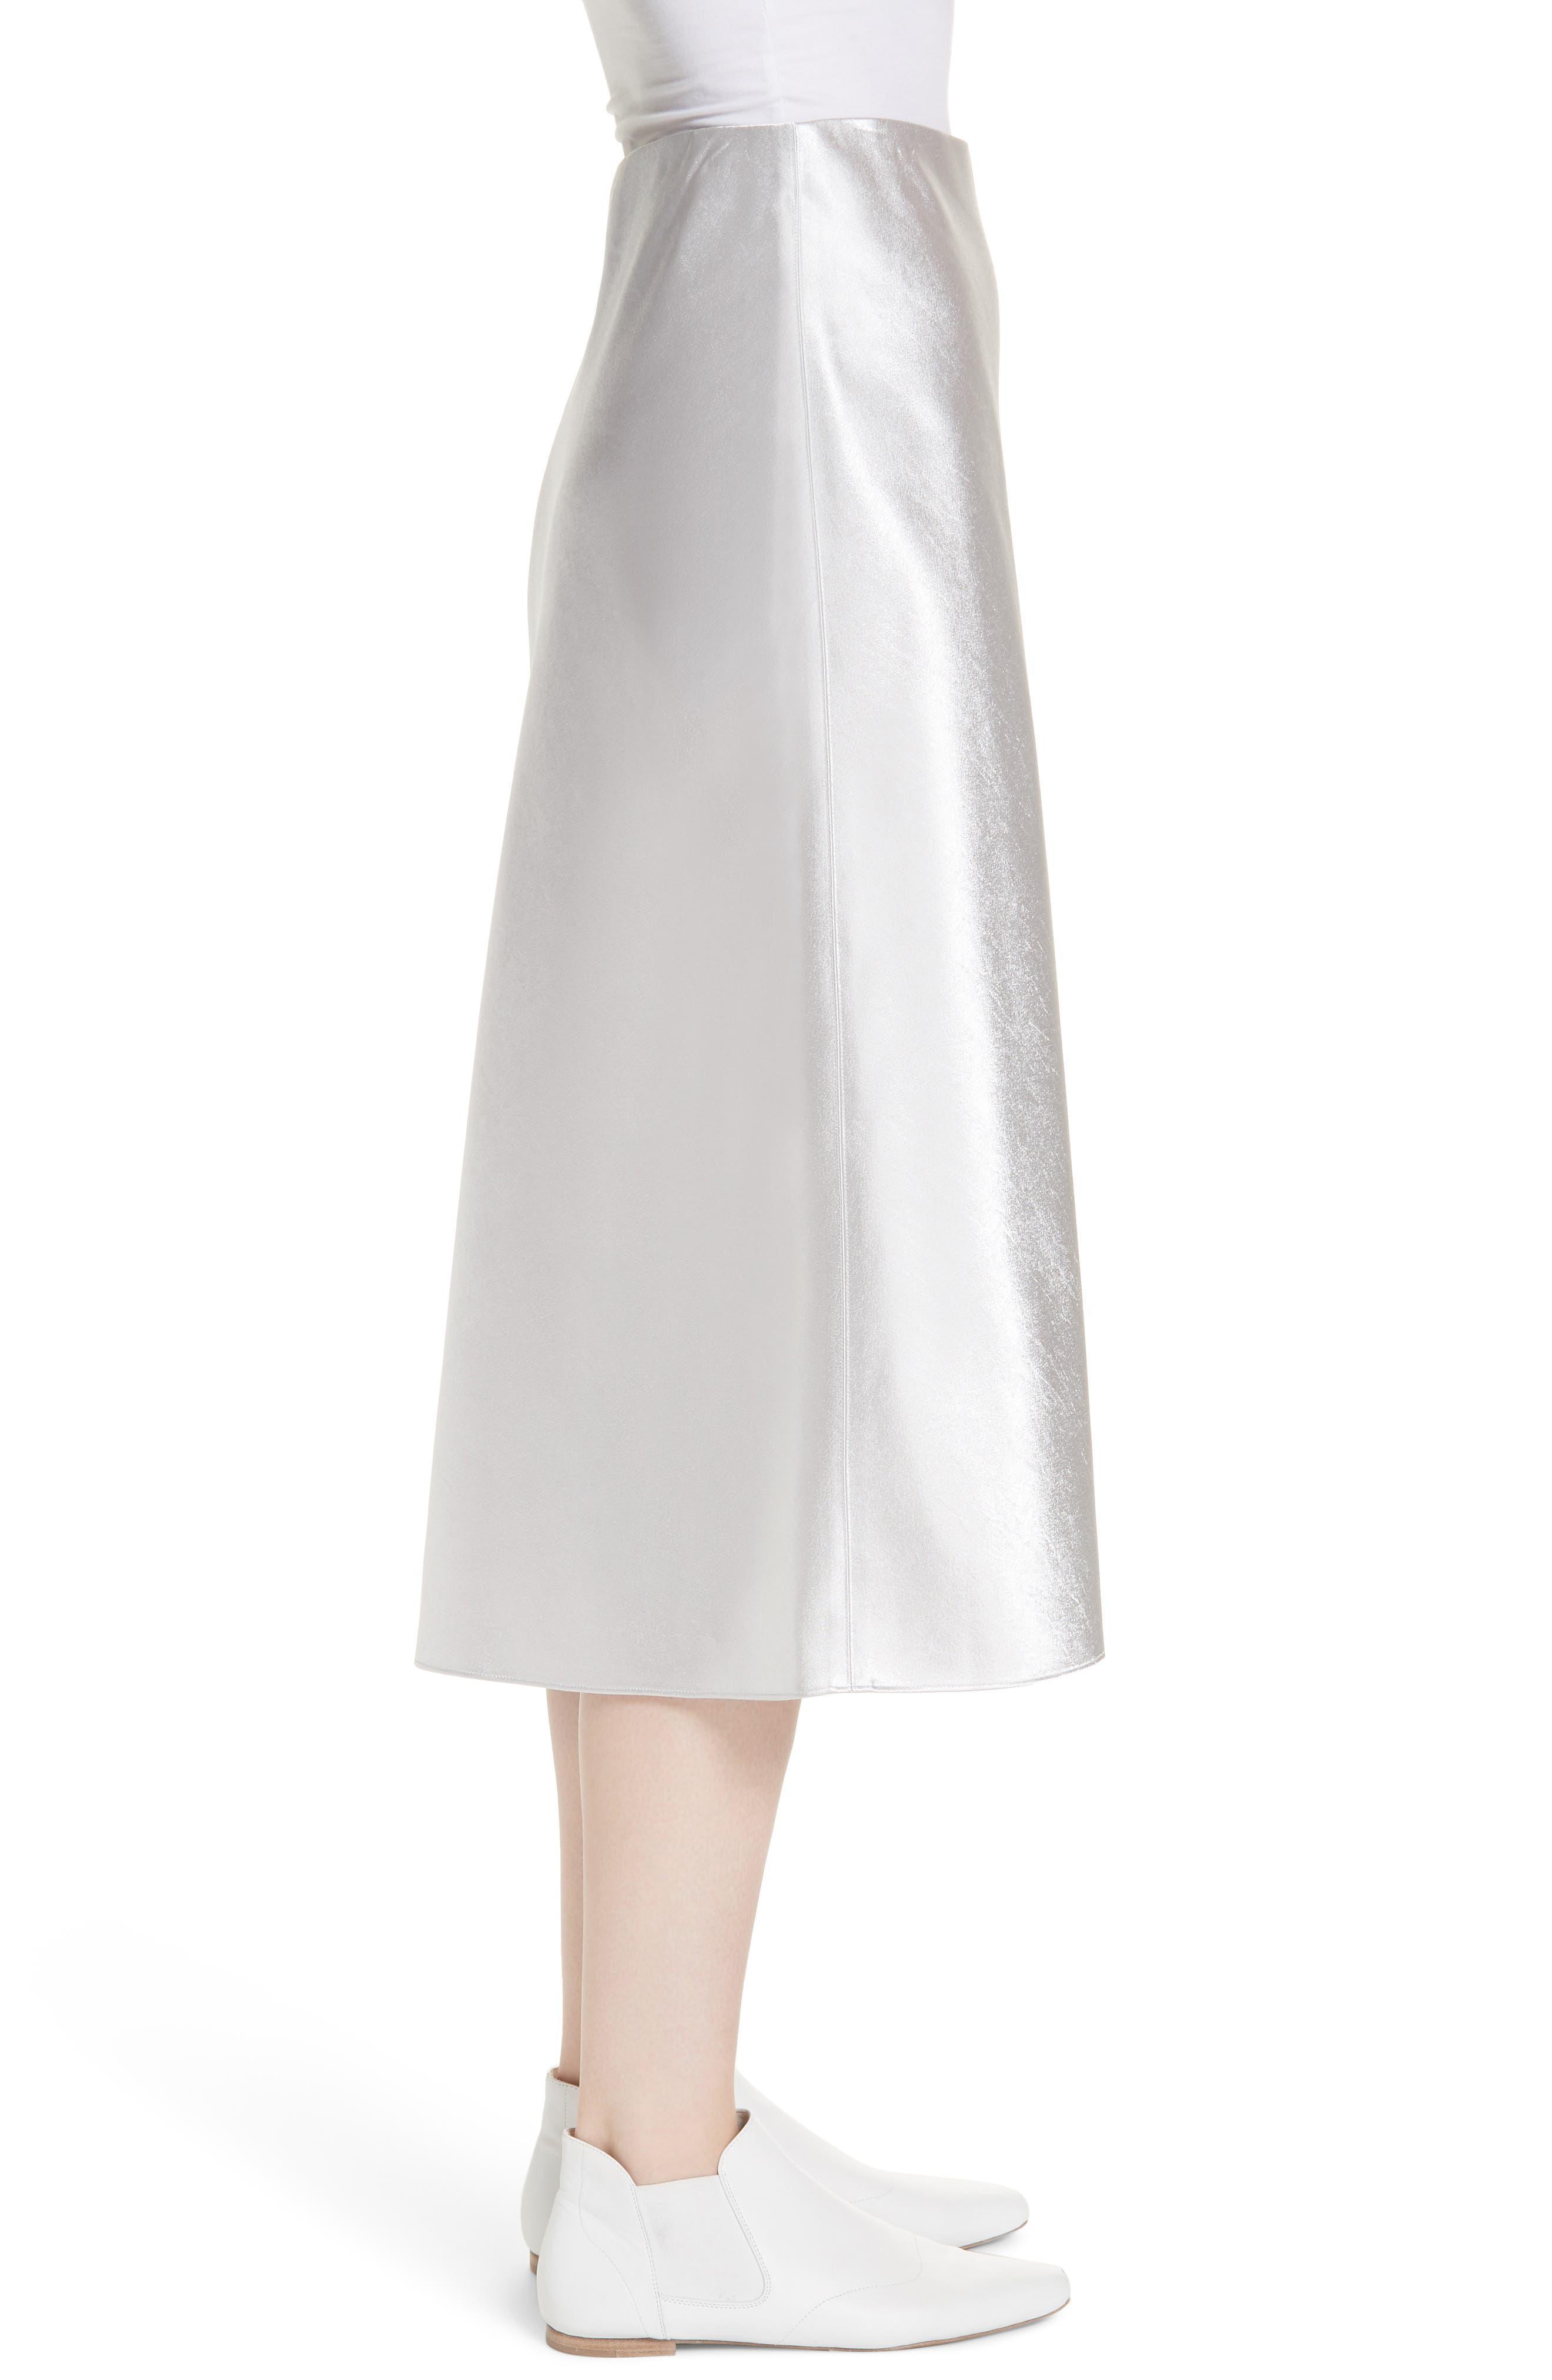 VINCE, Satin Slip Skirt, Alternate thumbnail 3, color, 043